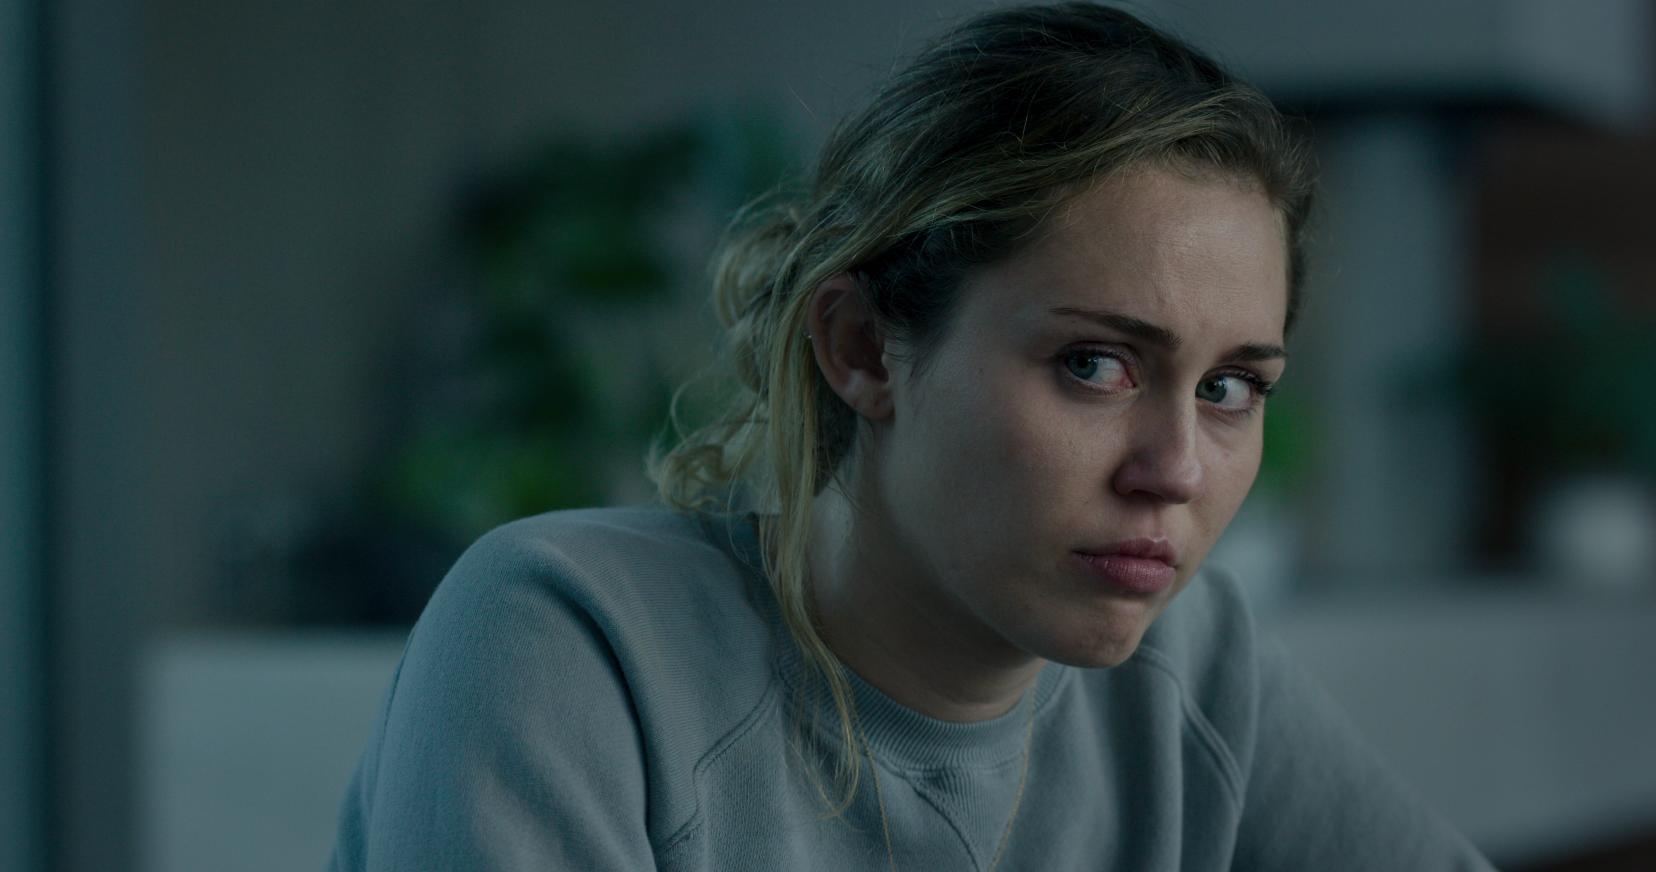 HOVEDROLLE: Miley Cyrus spiller popstjernen Ashely O i en episode av den kommende «Black Mirror»-sesongen.